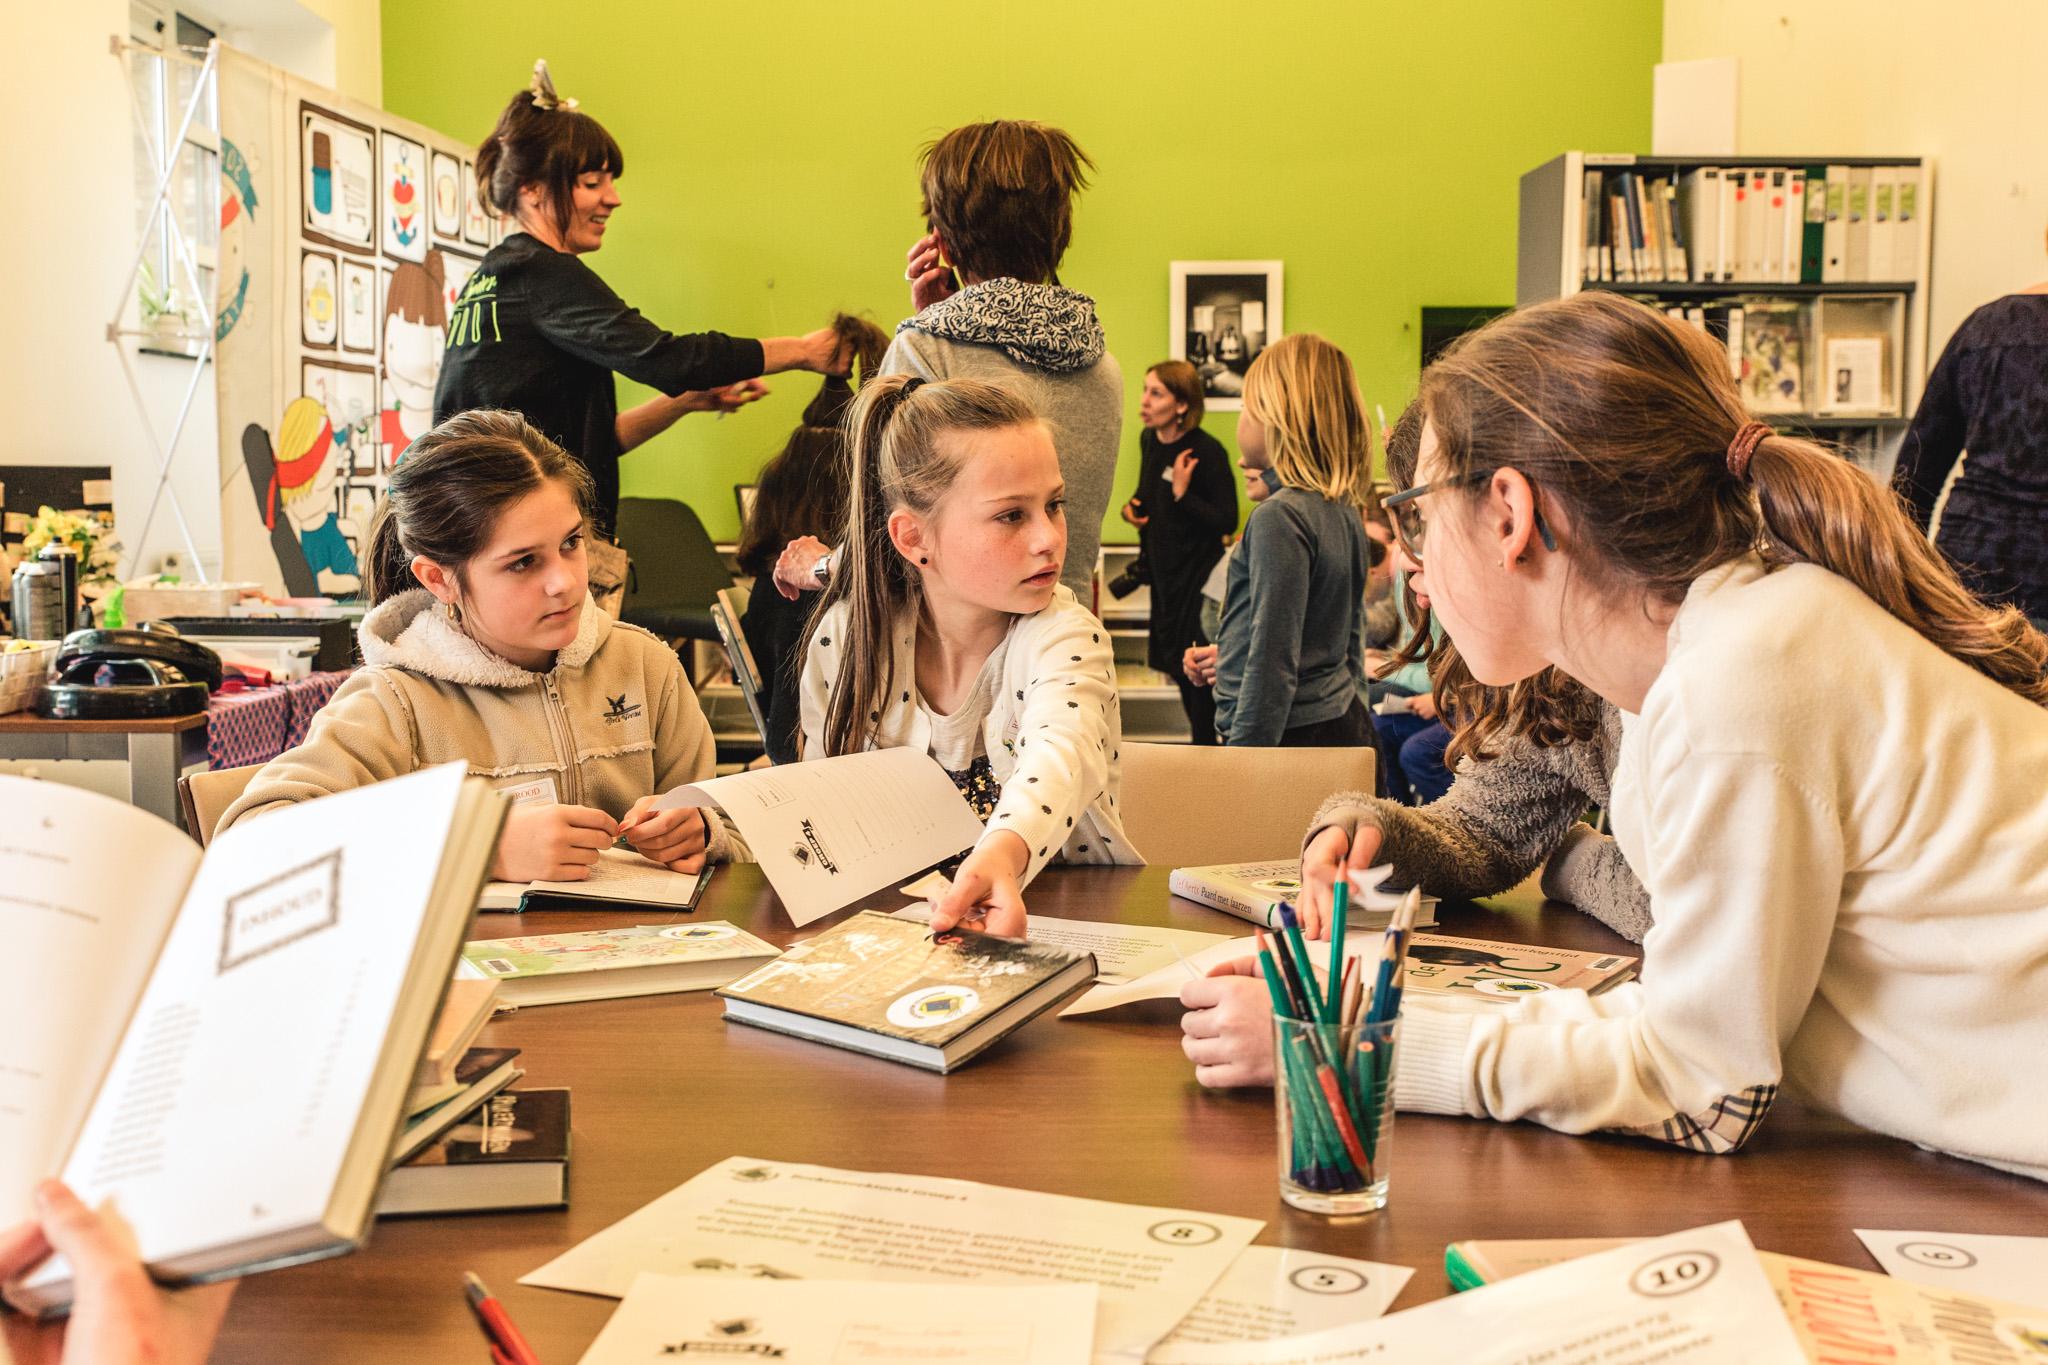 Kinderen werken rond boeken in de klas